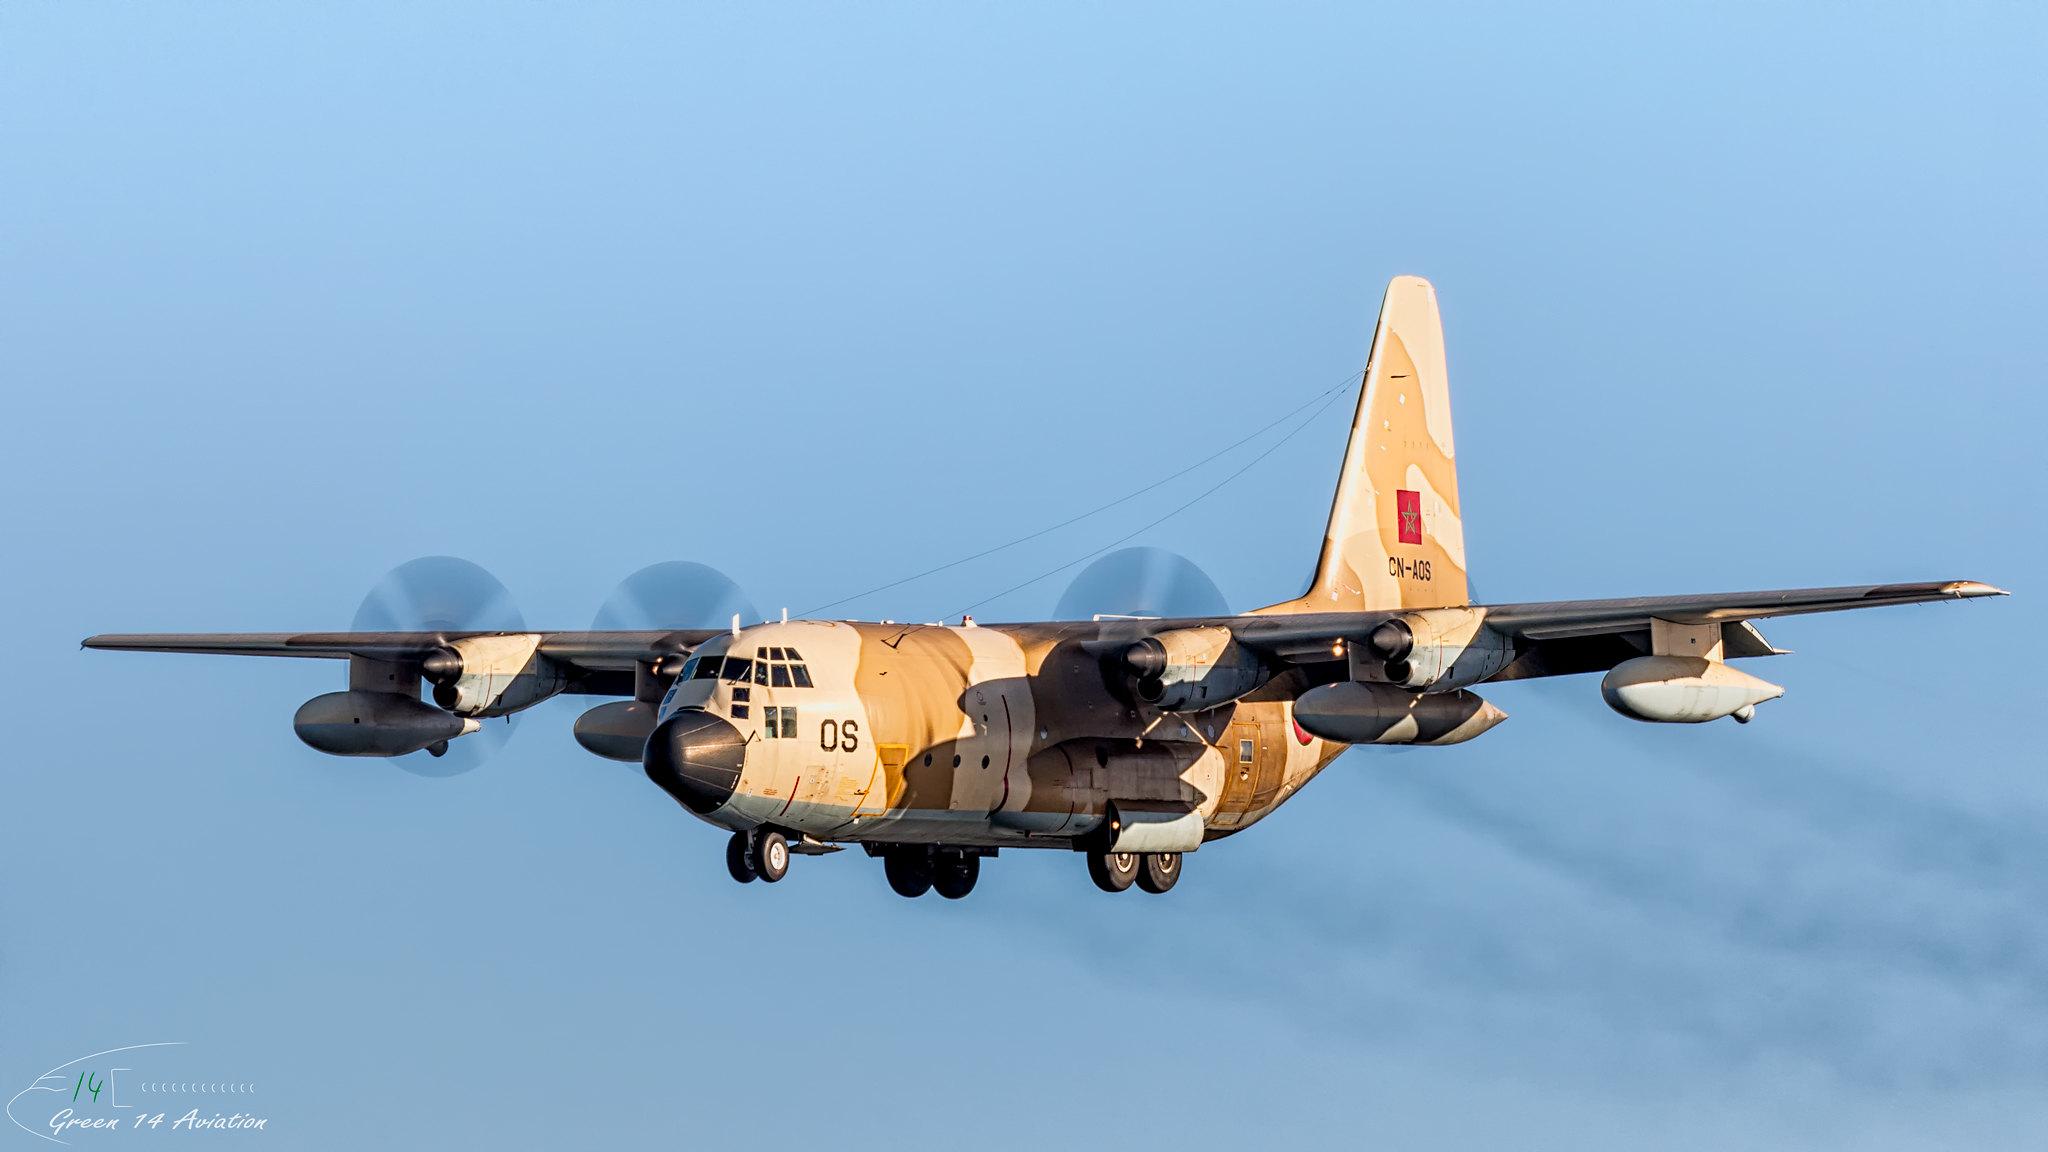 FRA: Photos d'avions de transport - Page 37 27843139149_8a5324f7e2_k